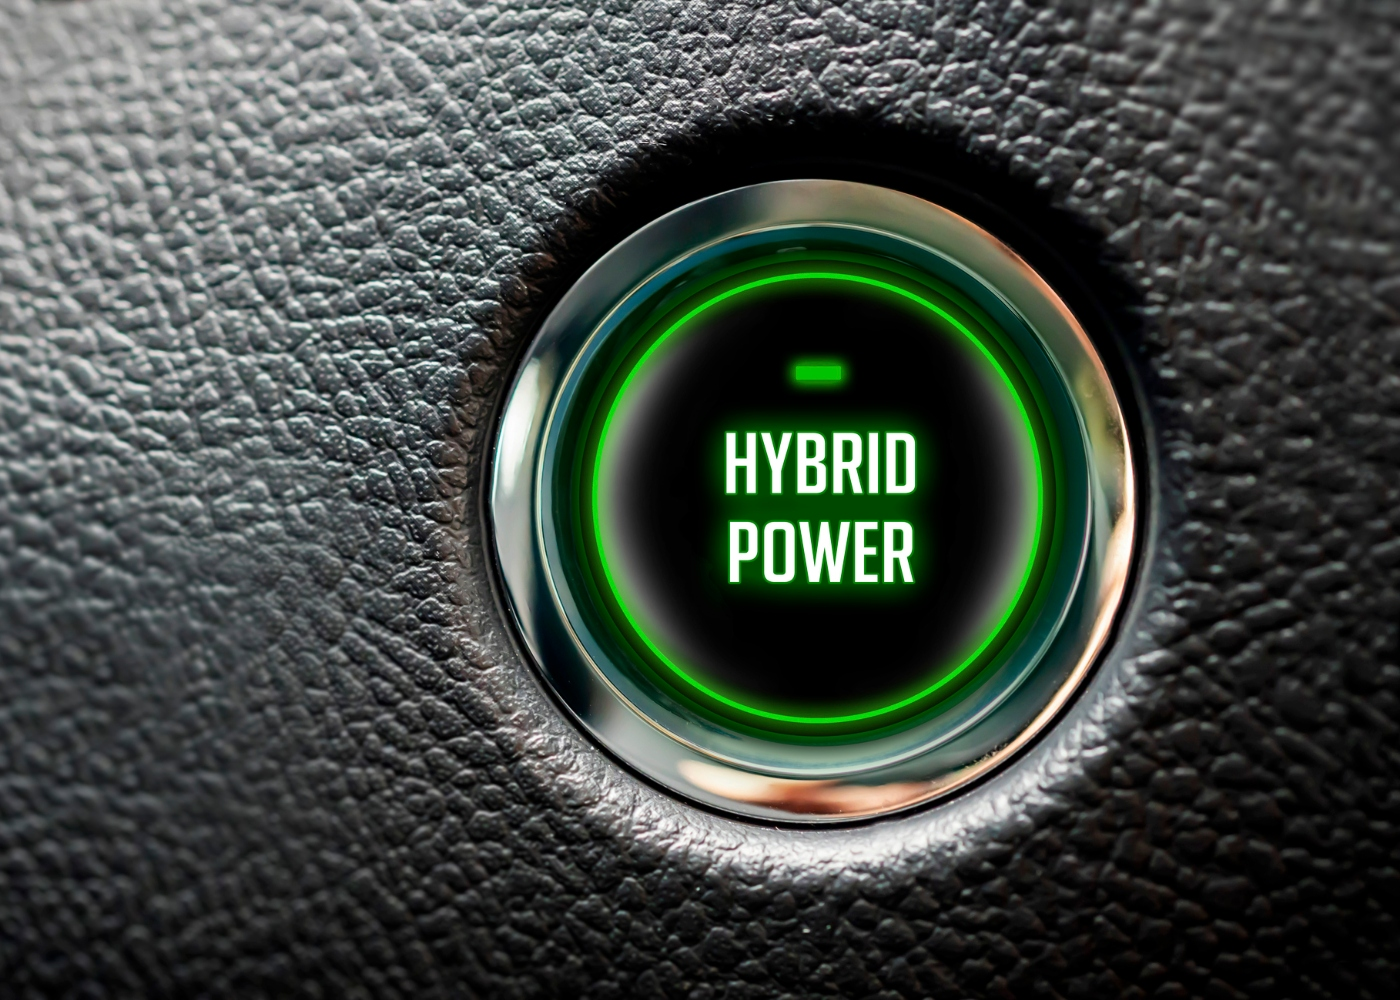 botão de ligar o carro com designação Hybrid power